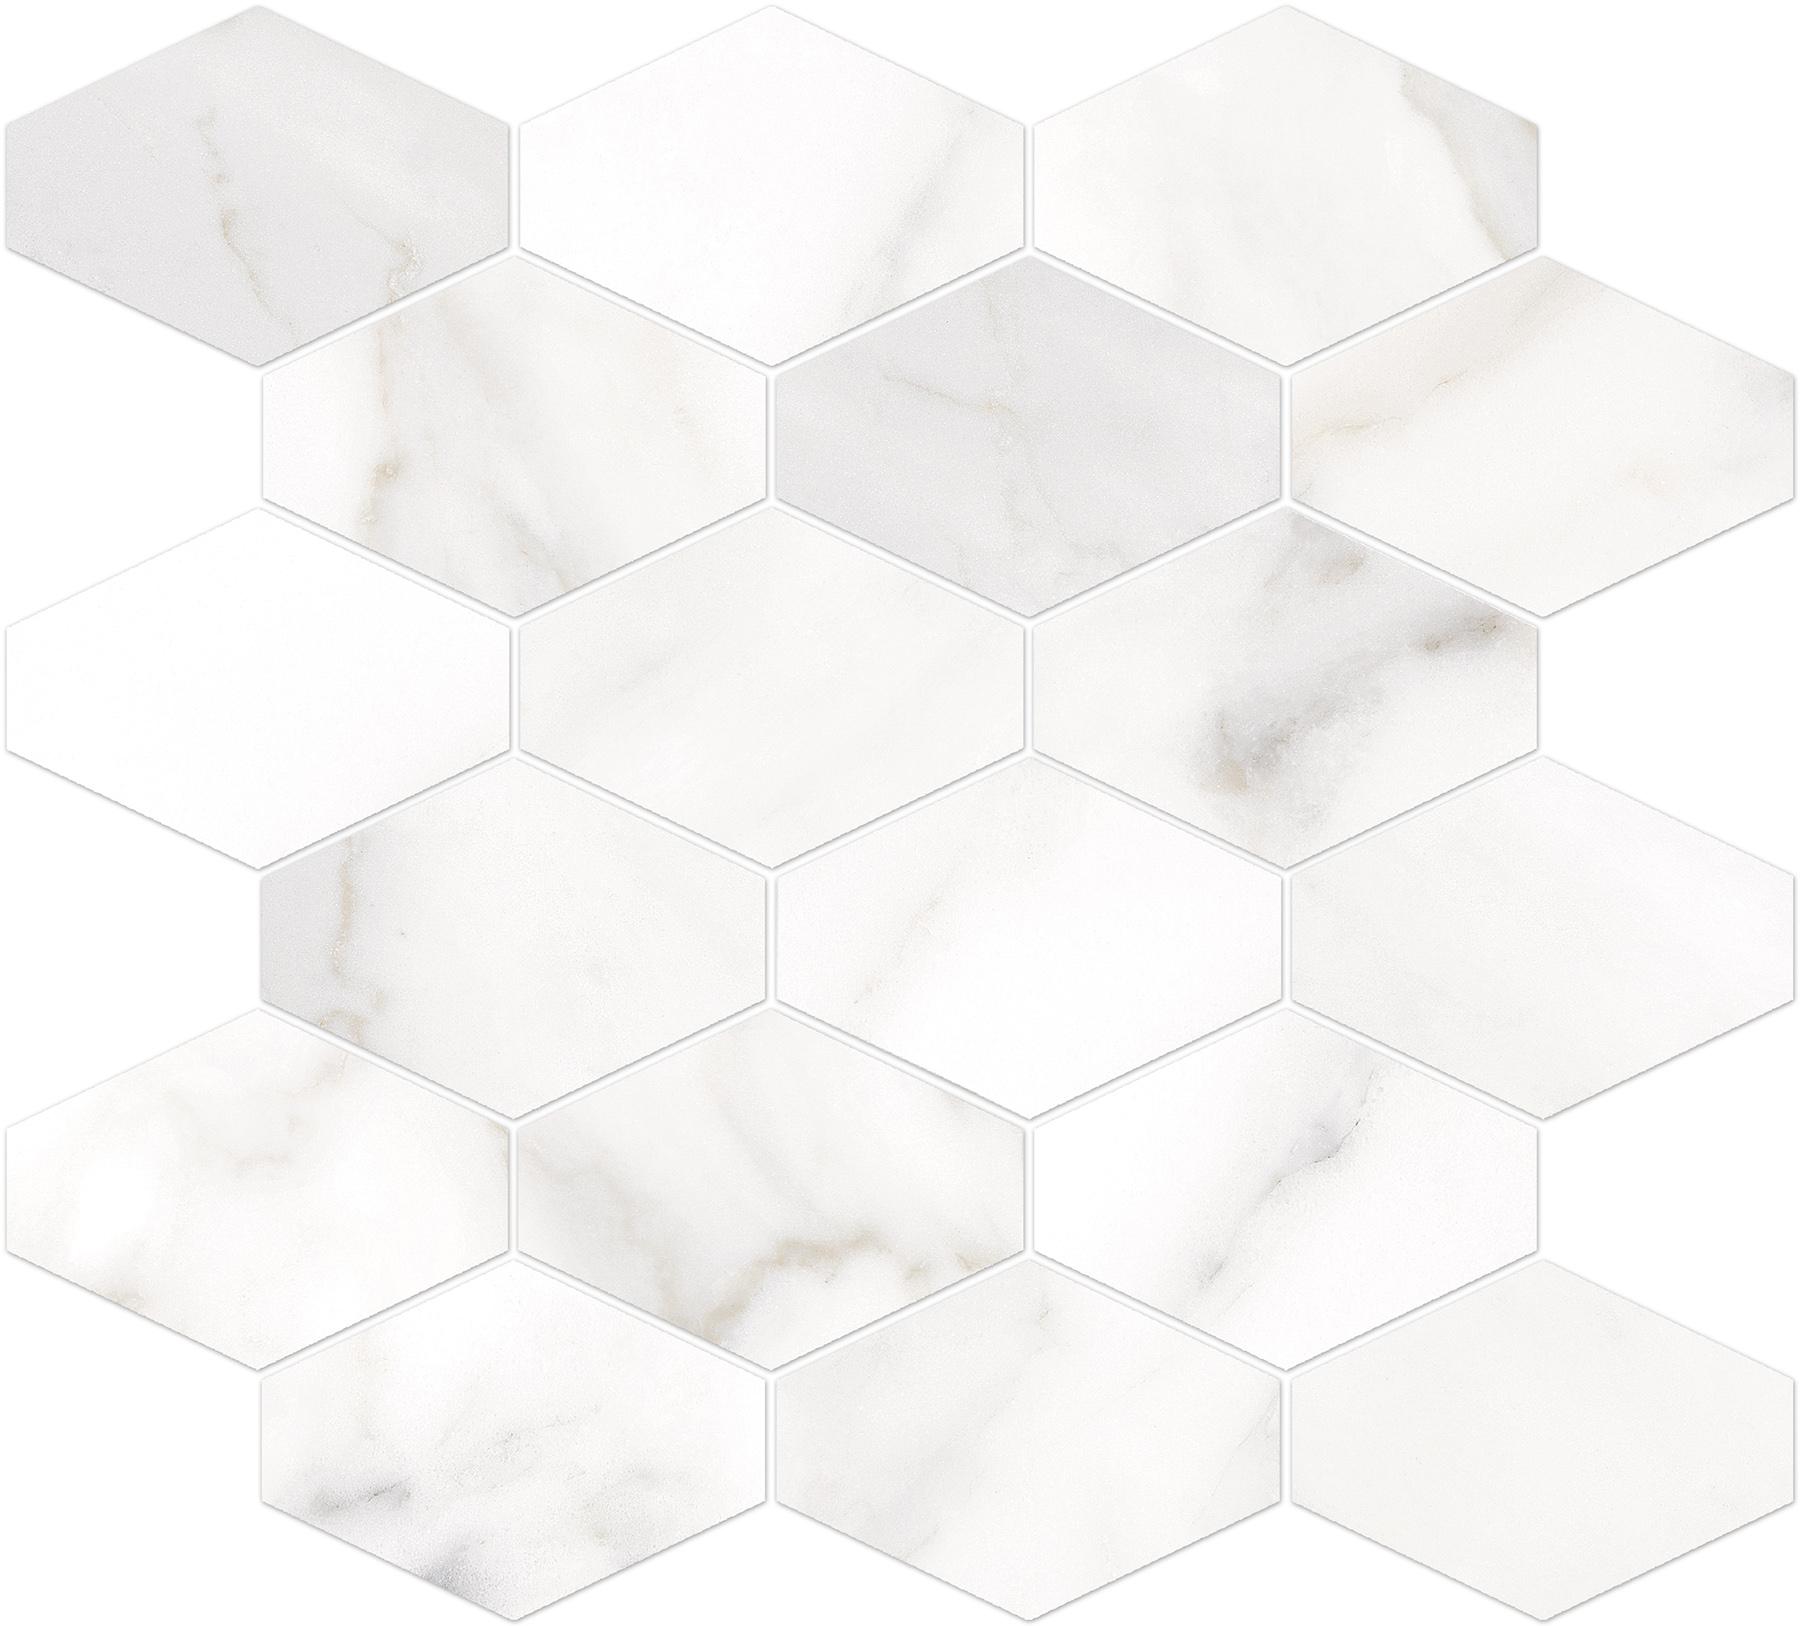 8880/820, Bernini Stone, Keltainen, lattia,mosaiikki